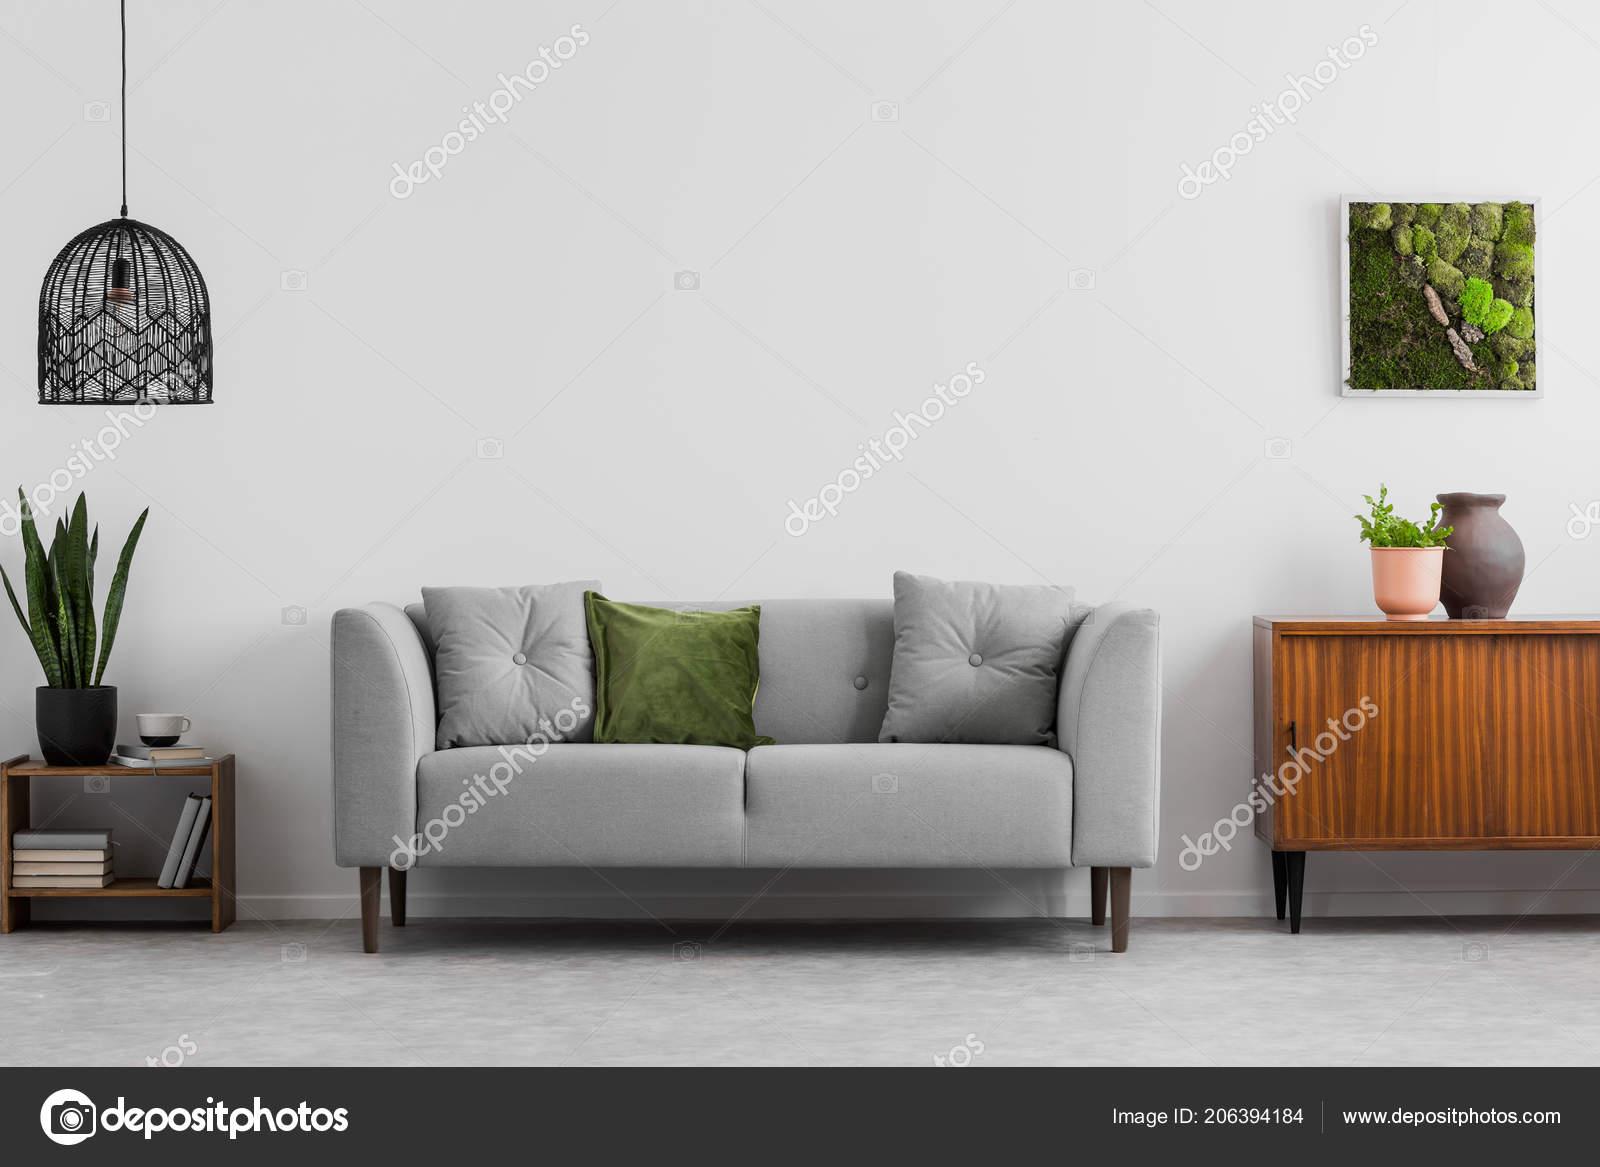 Grauen Sofa Mit Kissen Neben Holz Schrank Wohnzimmer ...